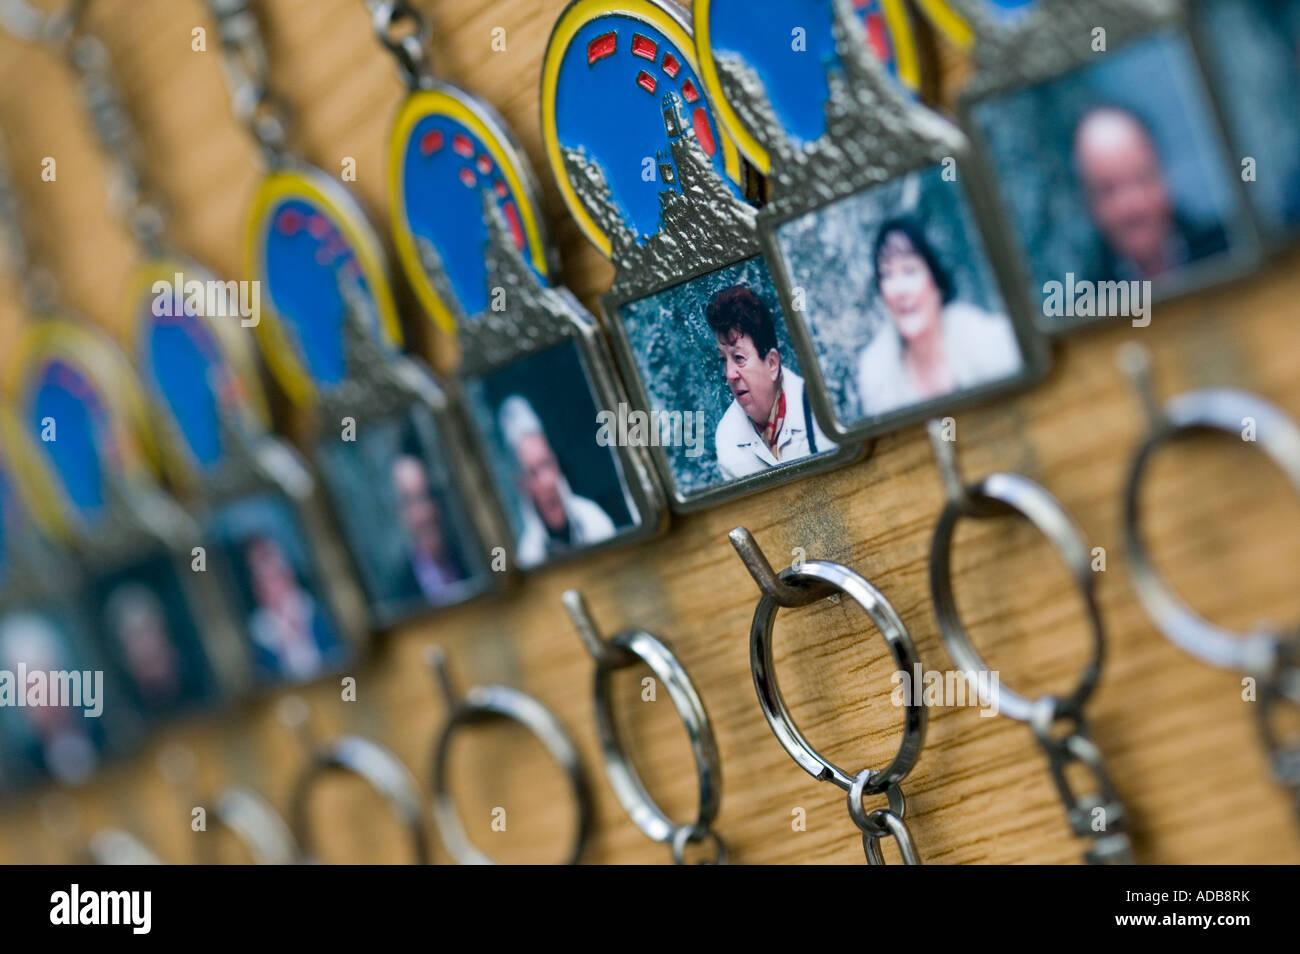 Llaveros personalizados con fotografías incrustadas de visitantes Imagen De Stock